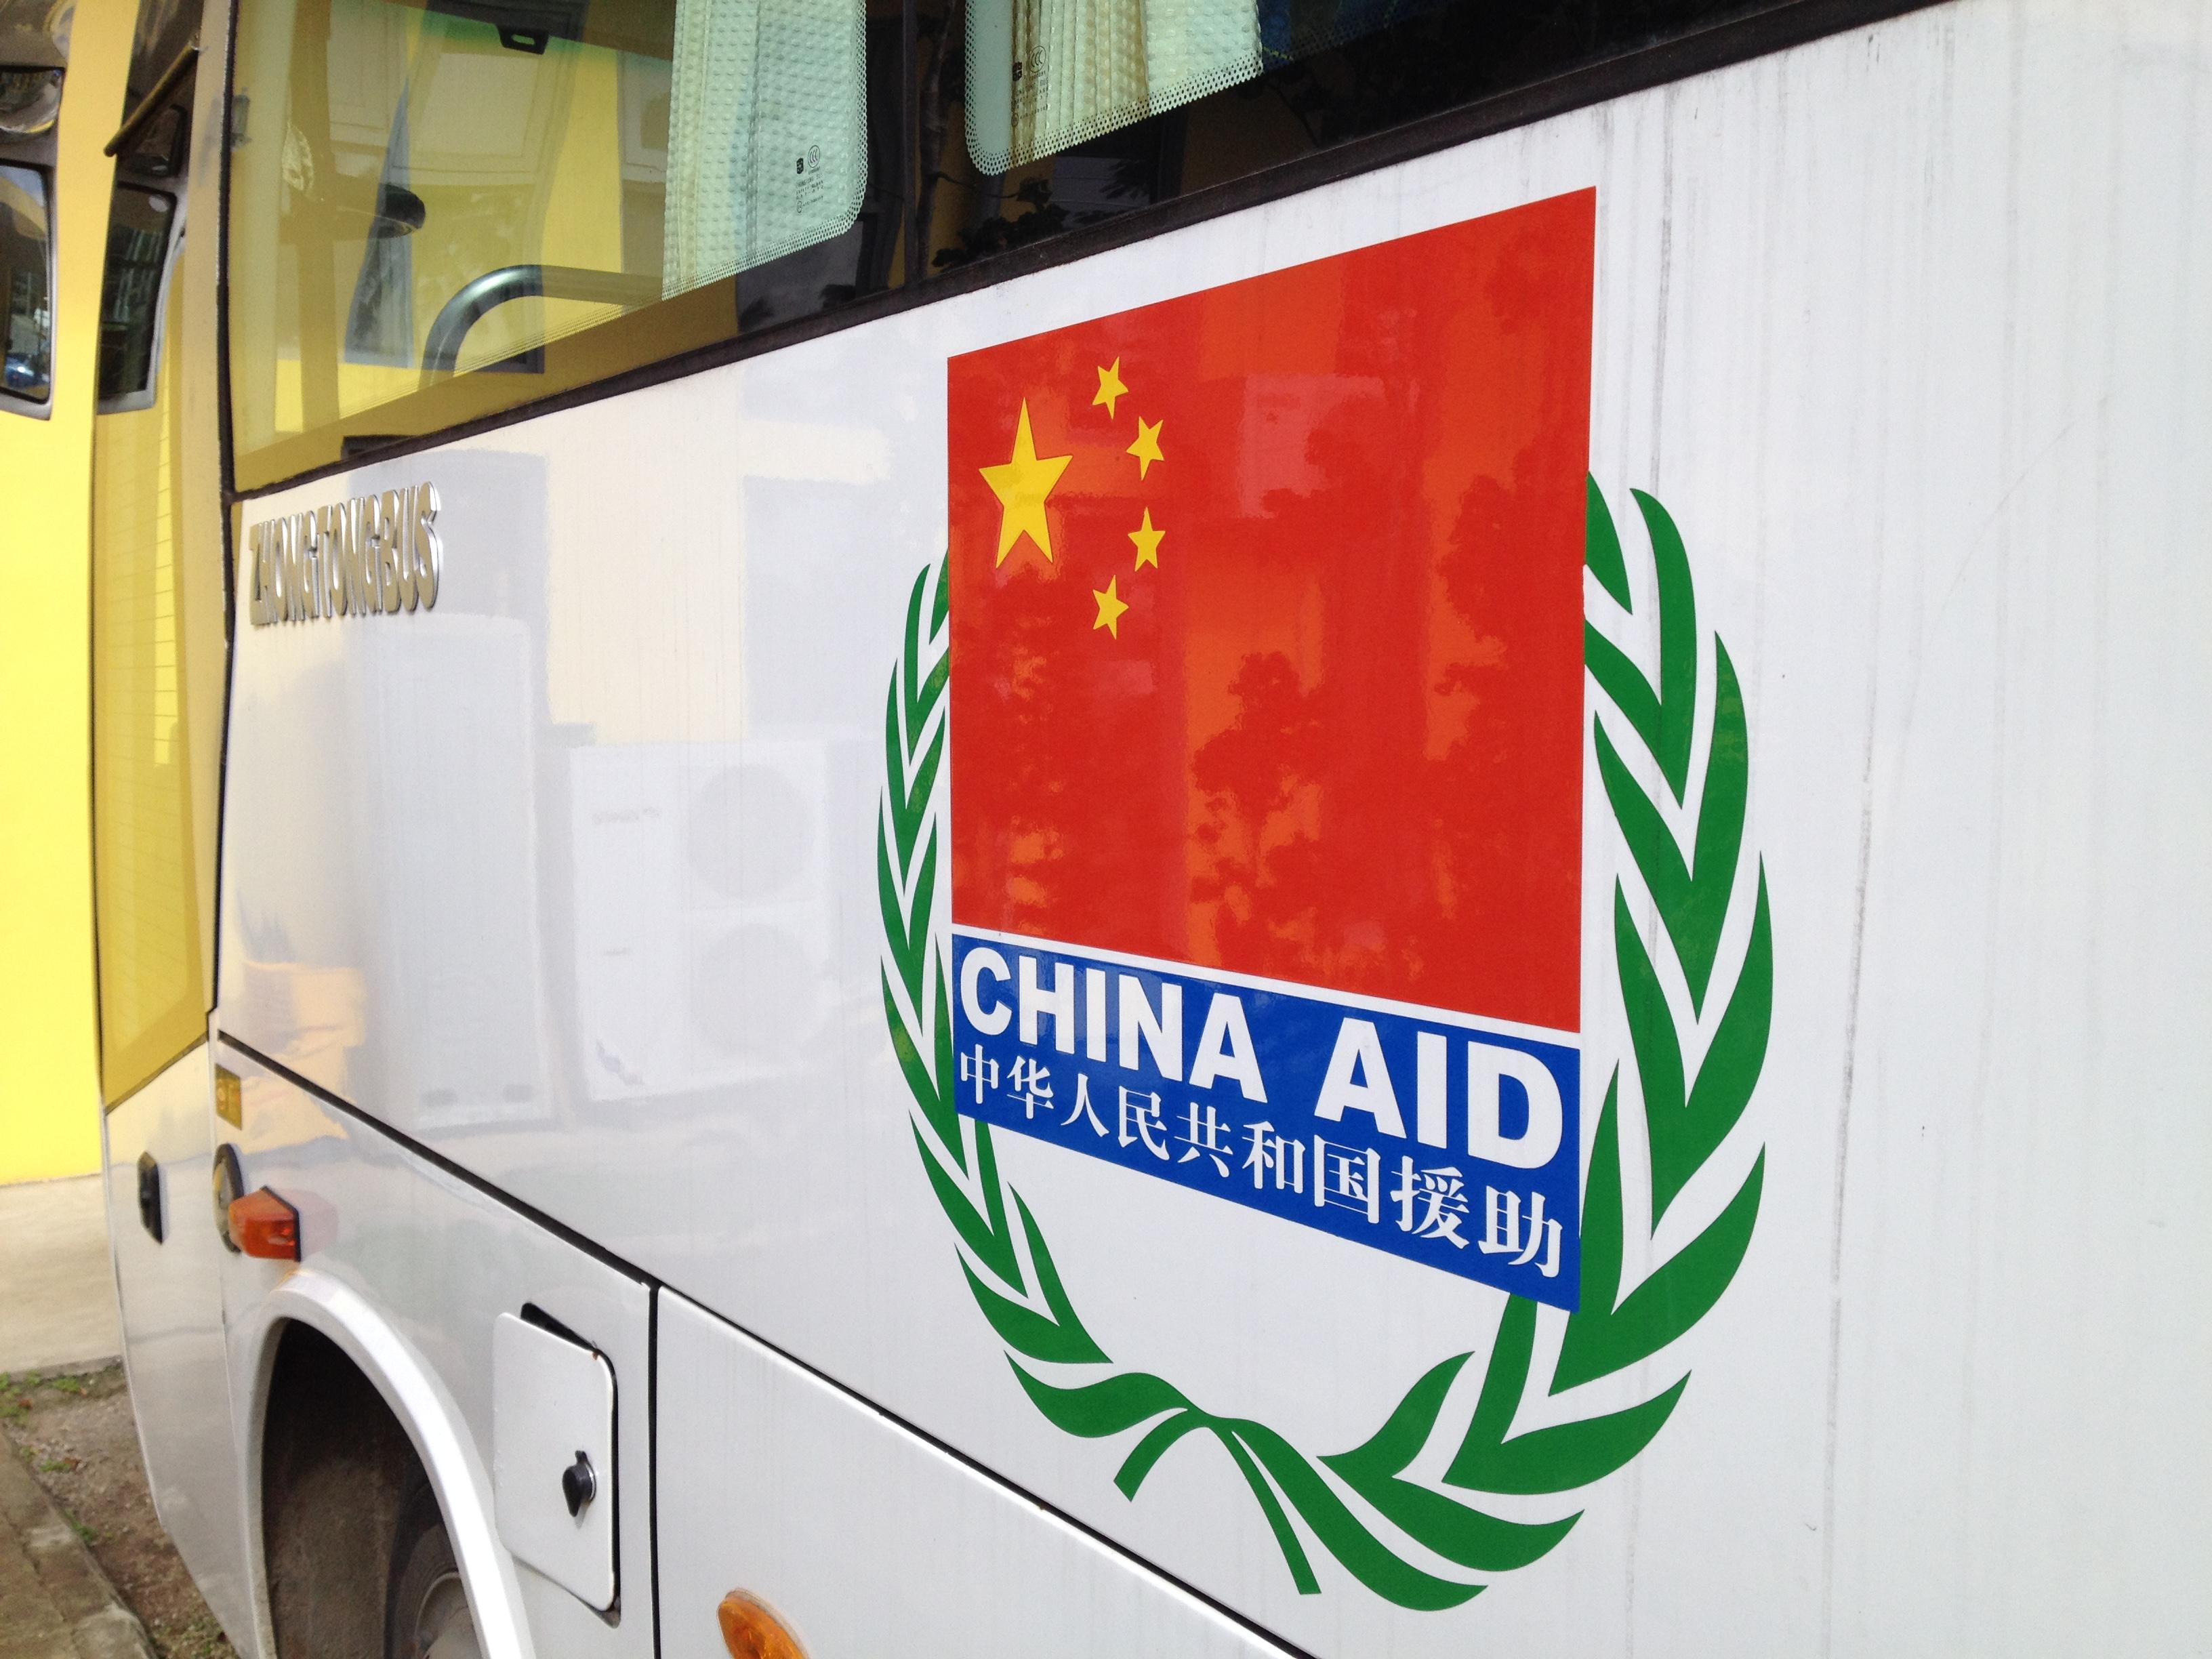 China aid (image: Camilla Burkot)